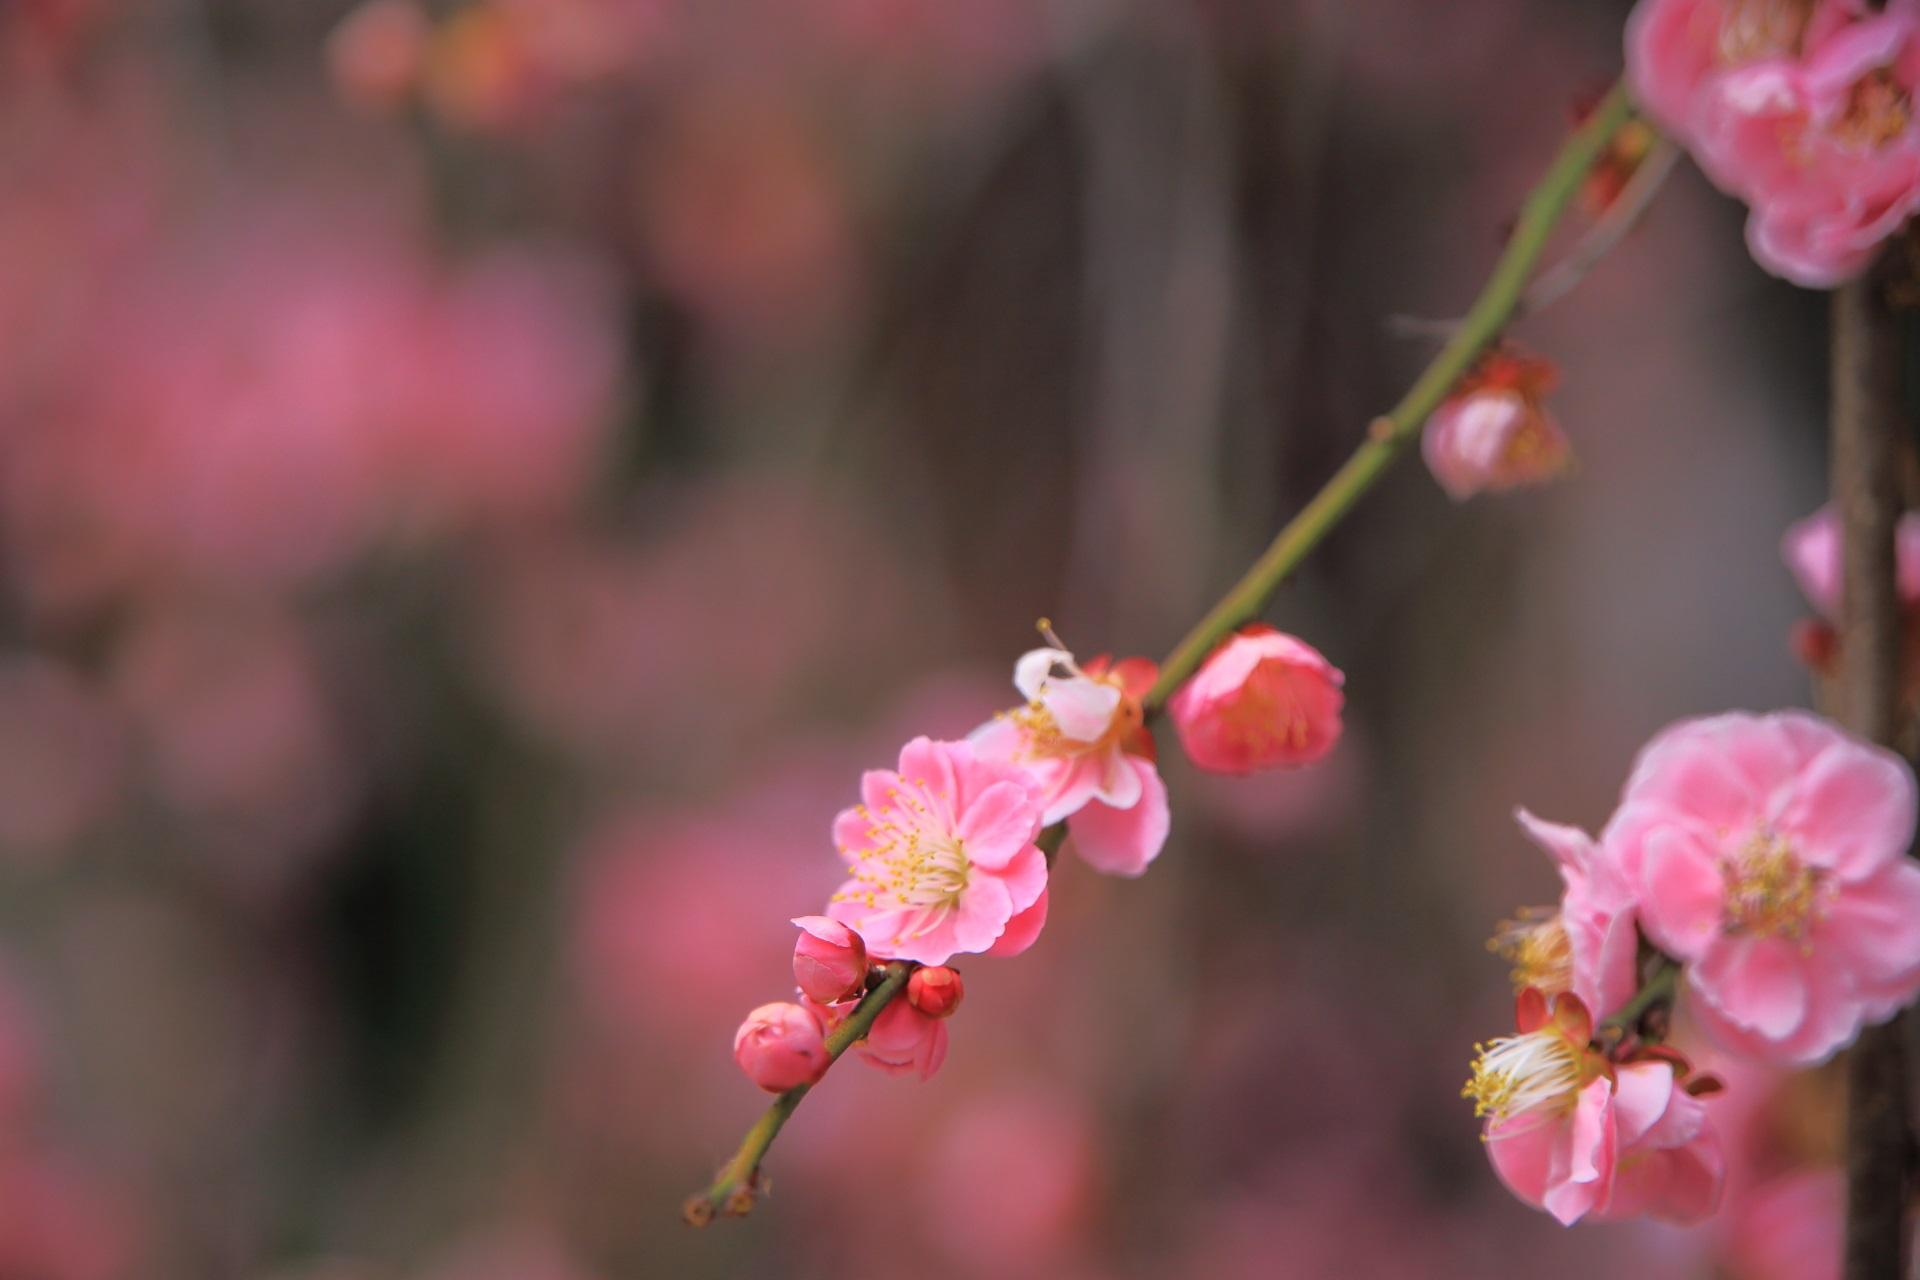 非常に繊細な花びら一枚一枚